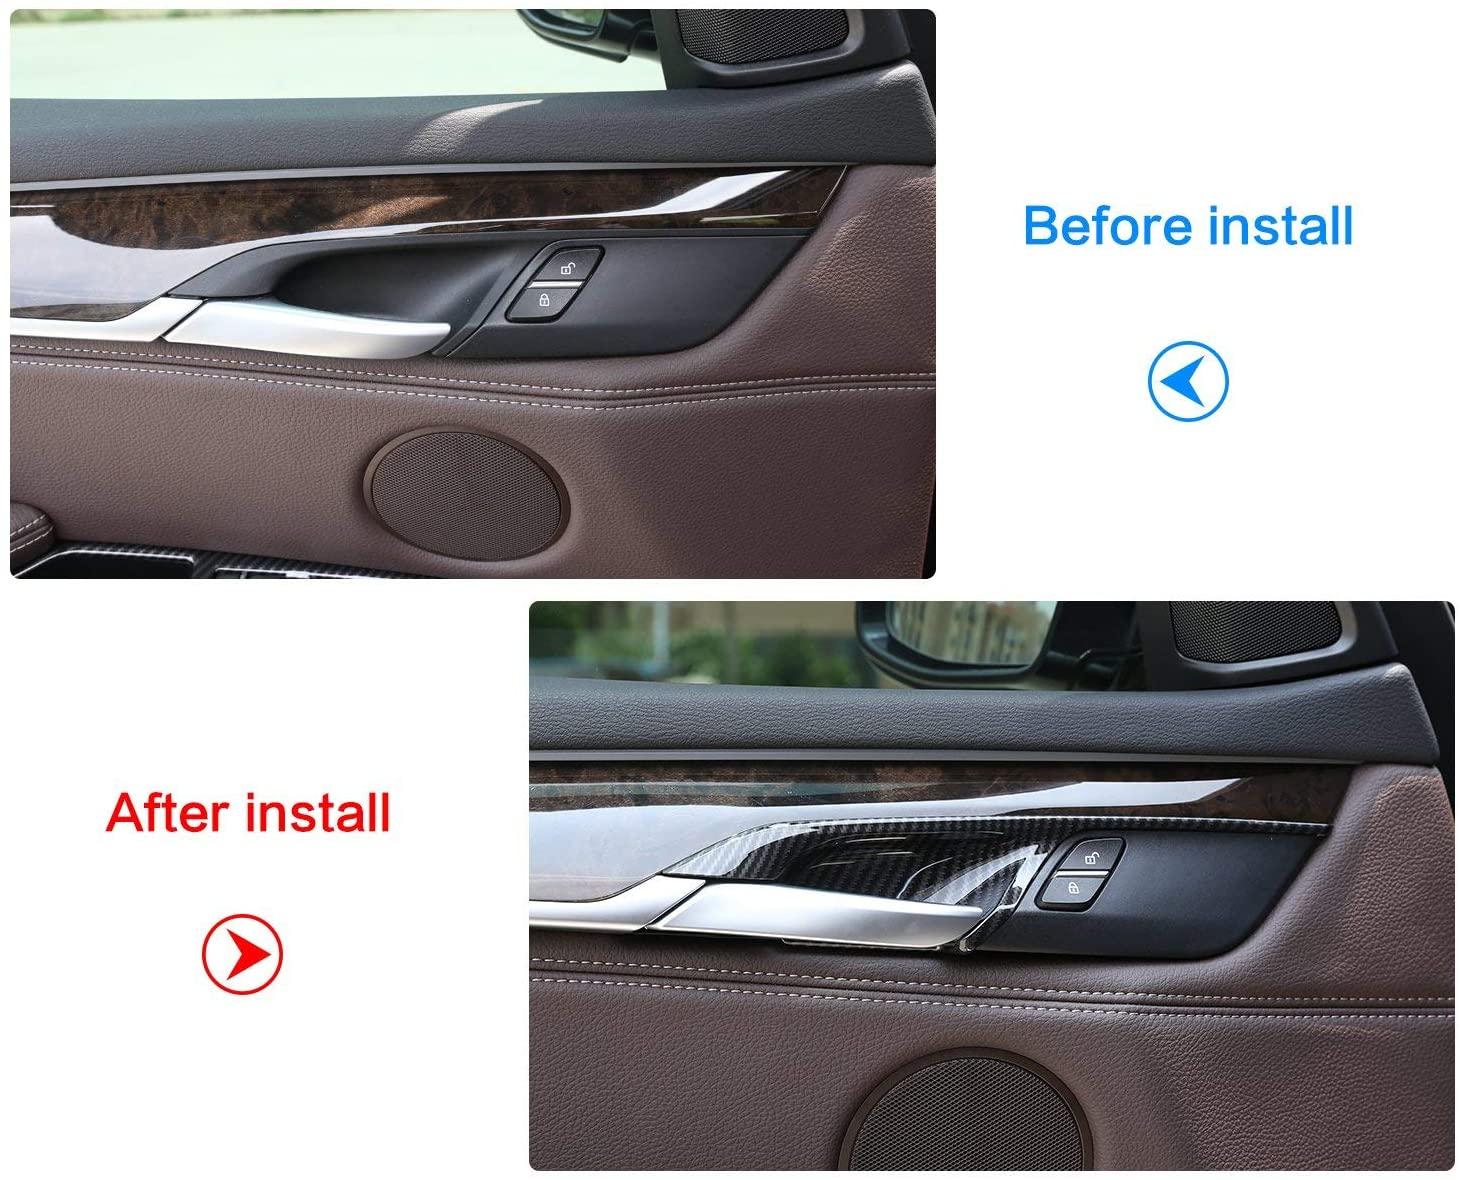 TongSheng Car Interior Door Handle Bowl Decoration Cover Trim 4pcs for BMW X5 F15 X6 F16 2014-2018 (Carbon Fiber)